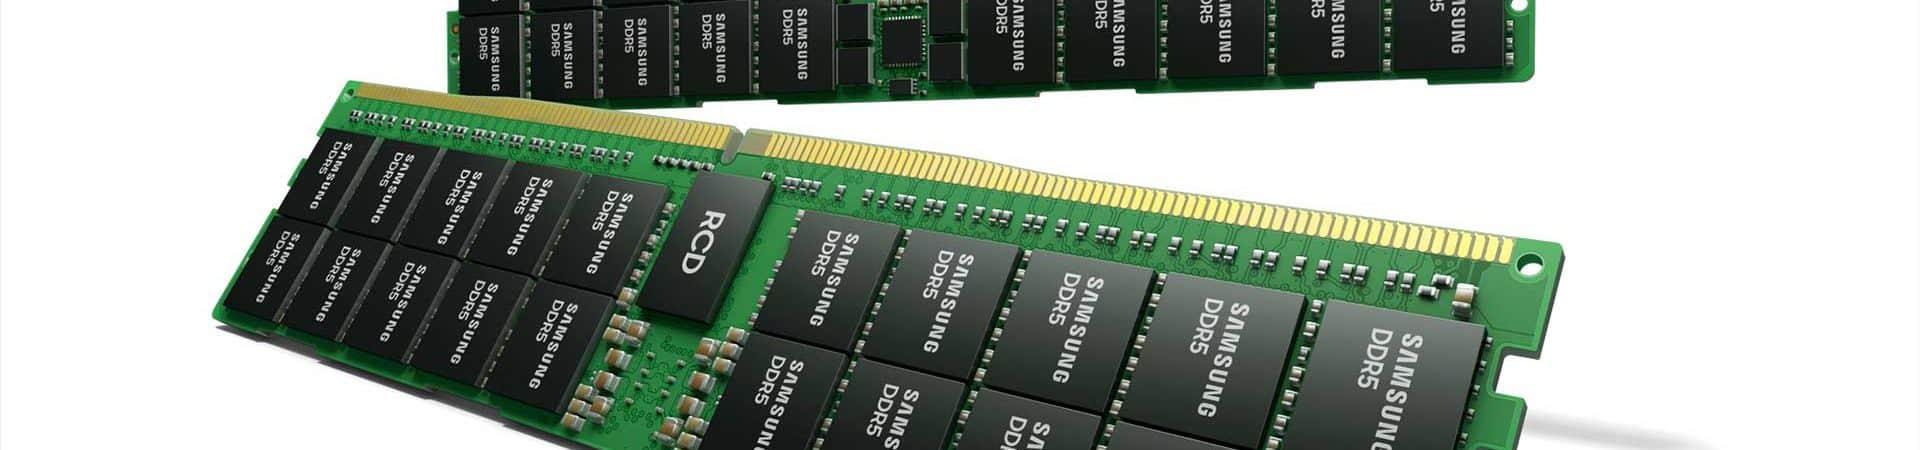 Samsung apresenta novos detalhes da memória RAM DDR5 de 512GB. Divulgação: Samsung